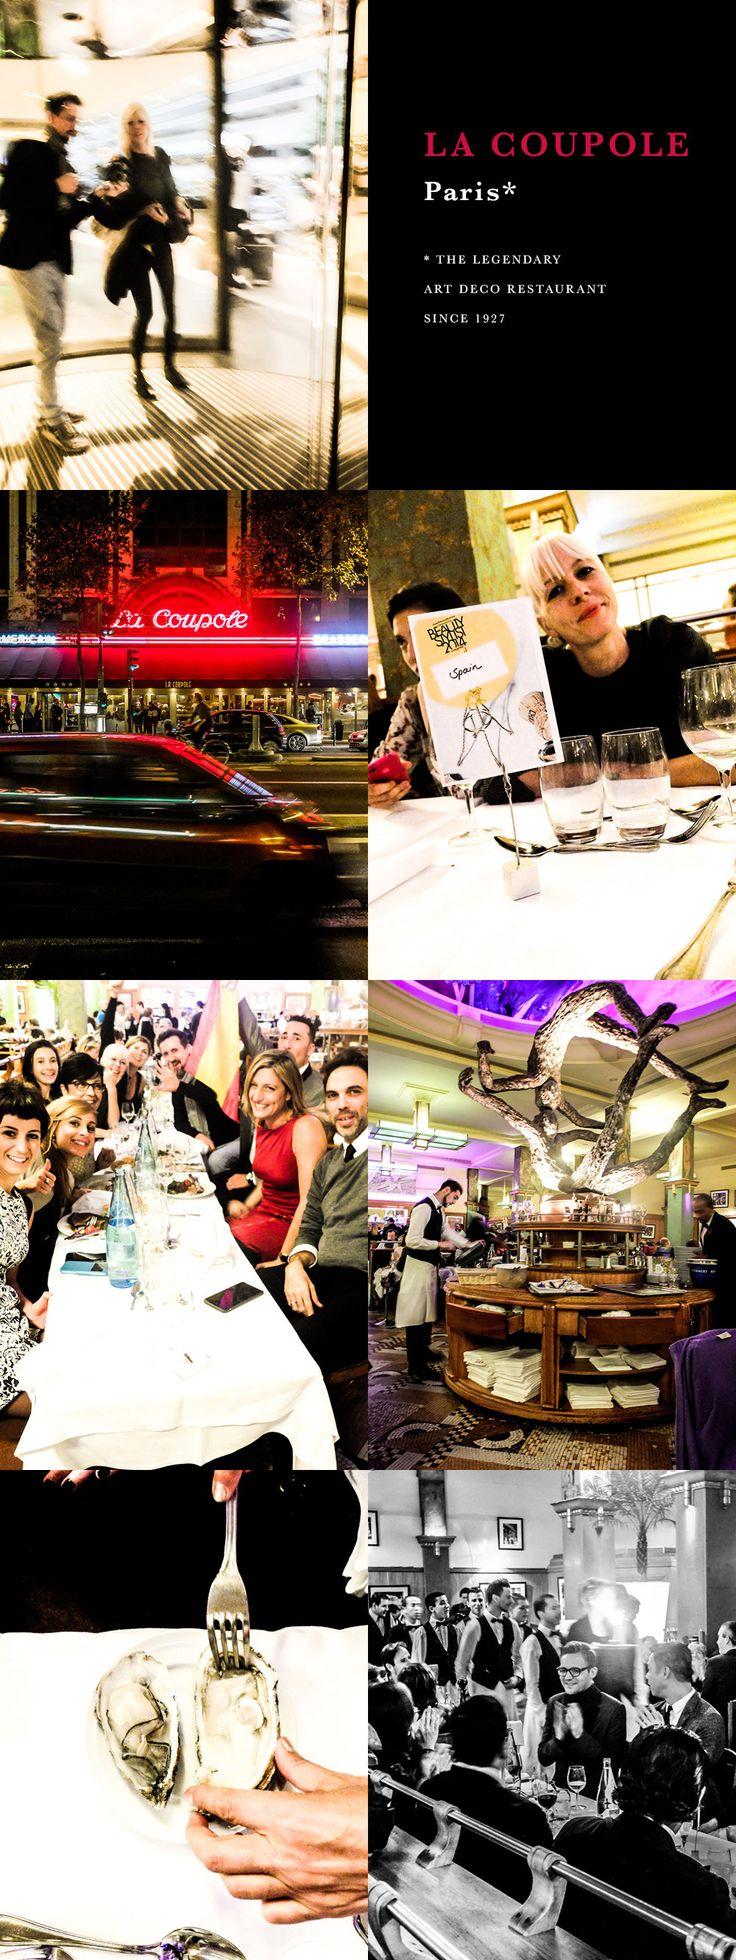 """Restaurant La Coupole Paris. Silke von Rolbiezki Coiffure on tour in ♡ Paris for the """"Beauty Stylist Award 2014"""" hosted by La Biosthétique Paris.  Proudly presented by Silke von Rolbiezki Coiffure, Palma de Mallorca, Spain www.silkevonrolbiezki.com"""